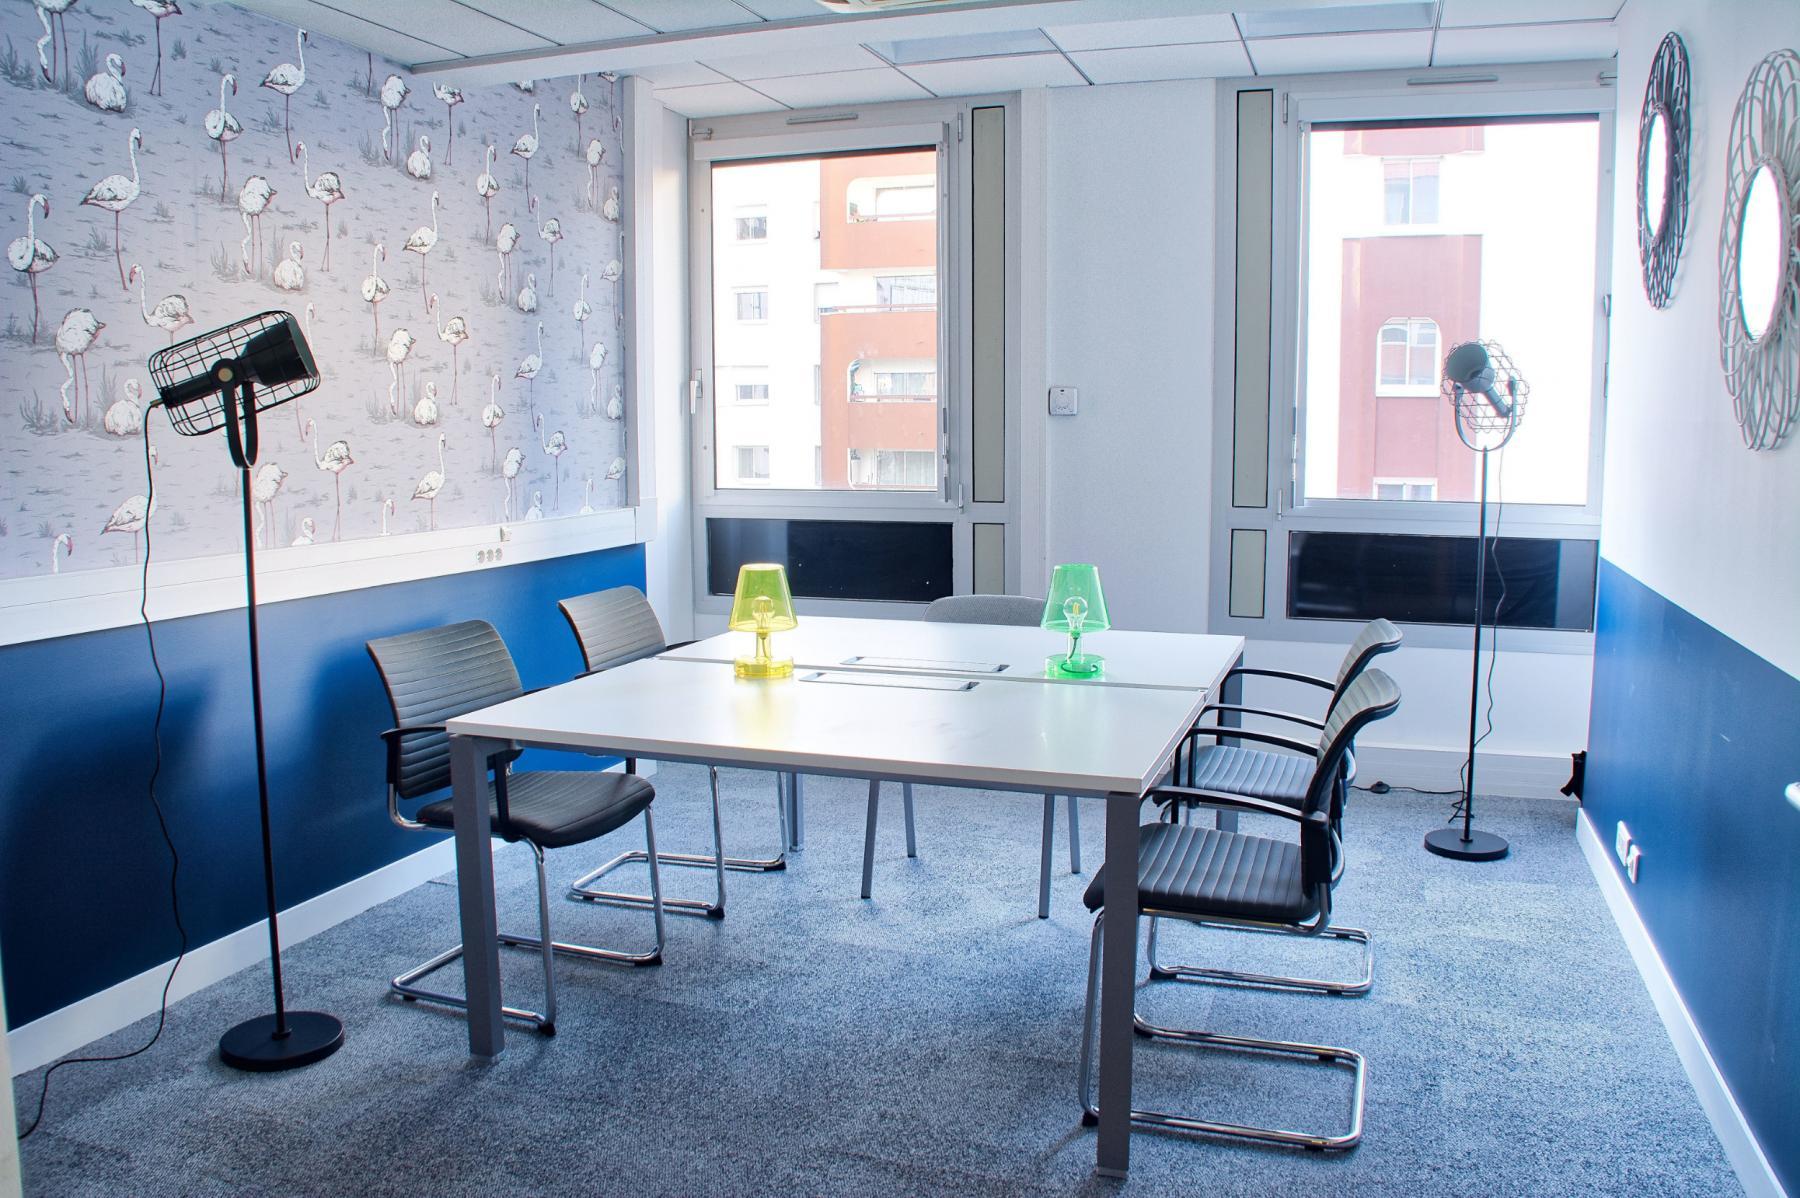 Salle de réunion entièrement équipée pour organiser vos meetings au quai de Gallieni